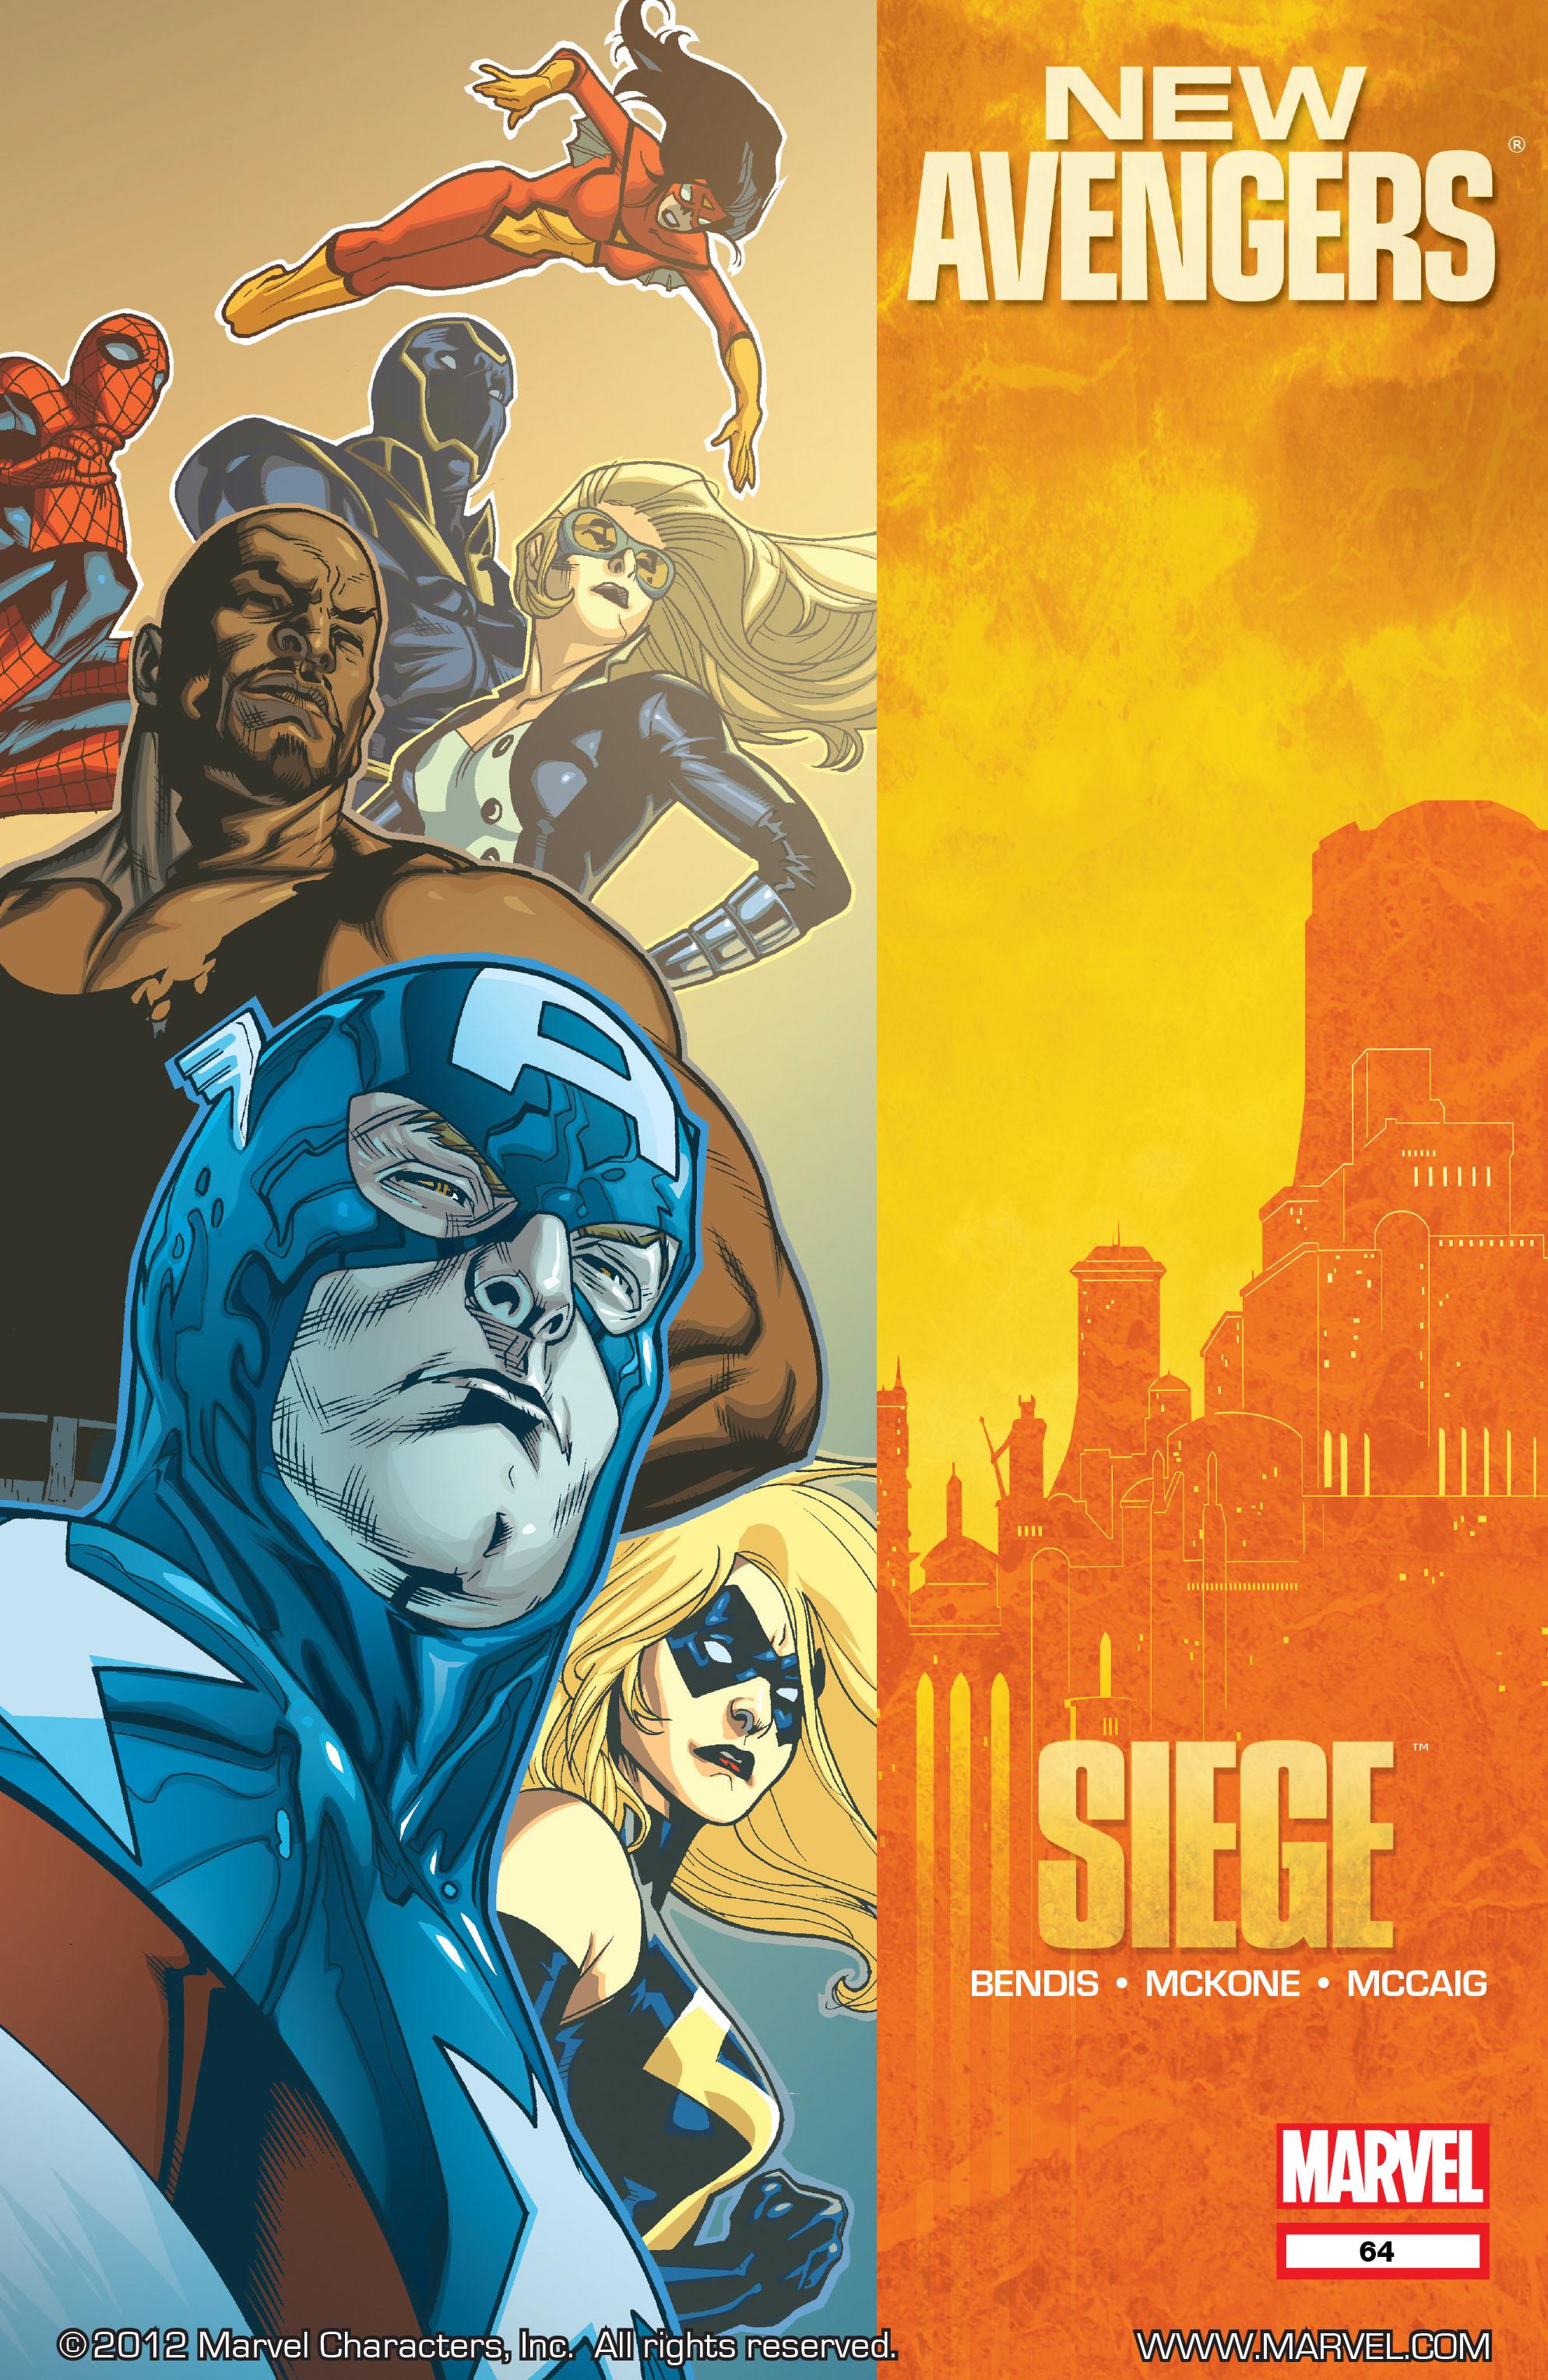 New Avengers (2005) chap 64 pic 1